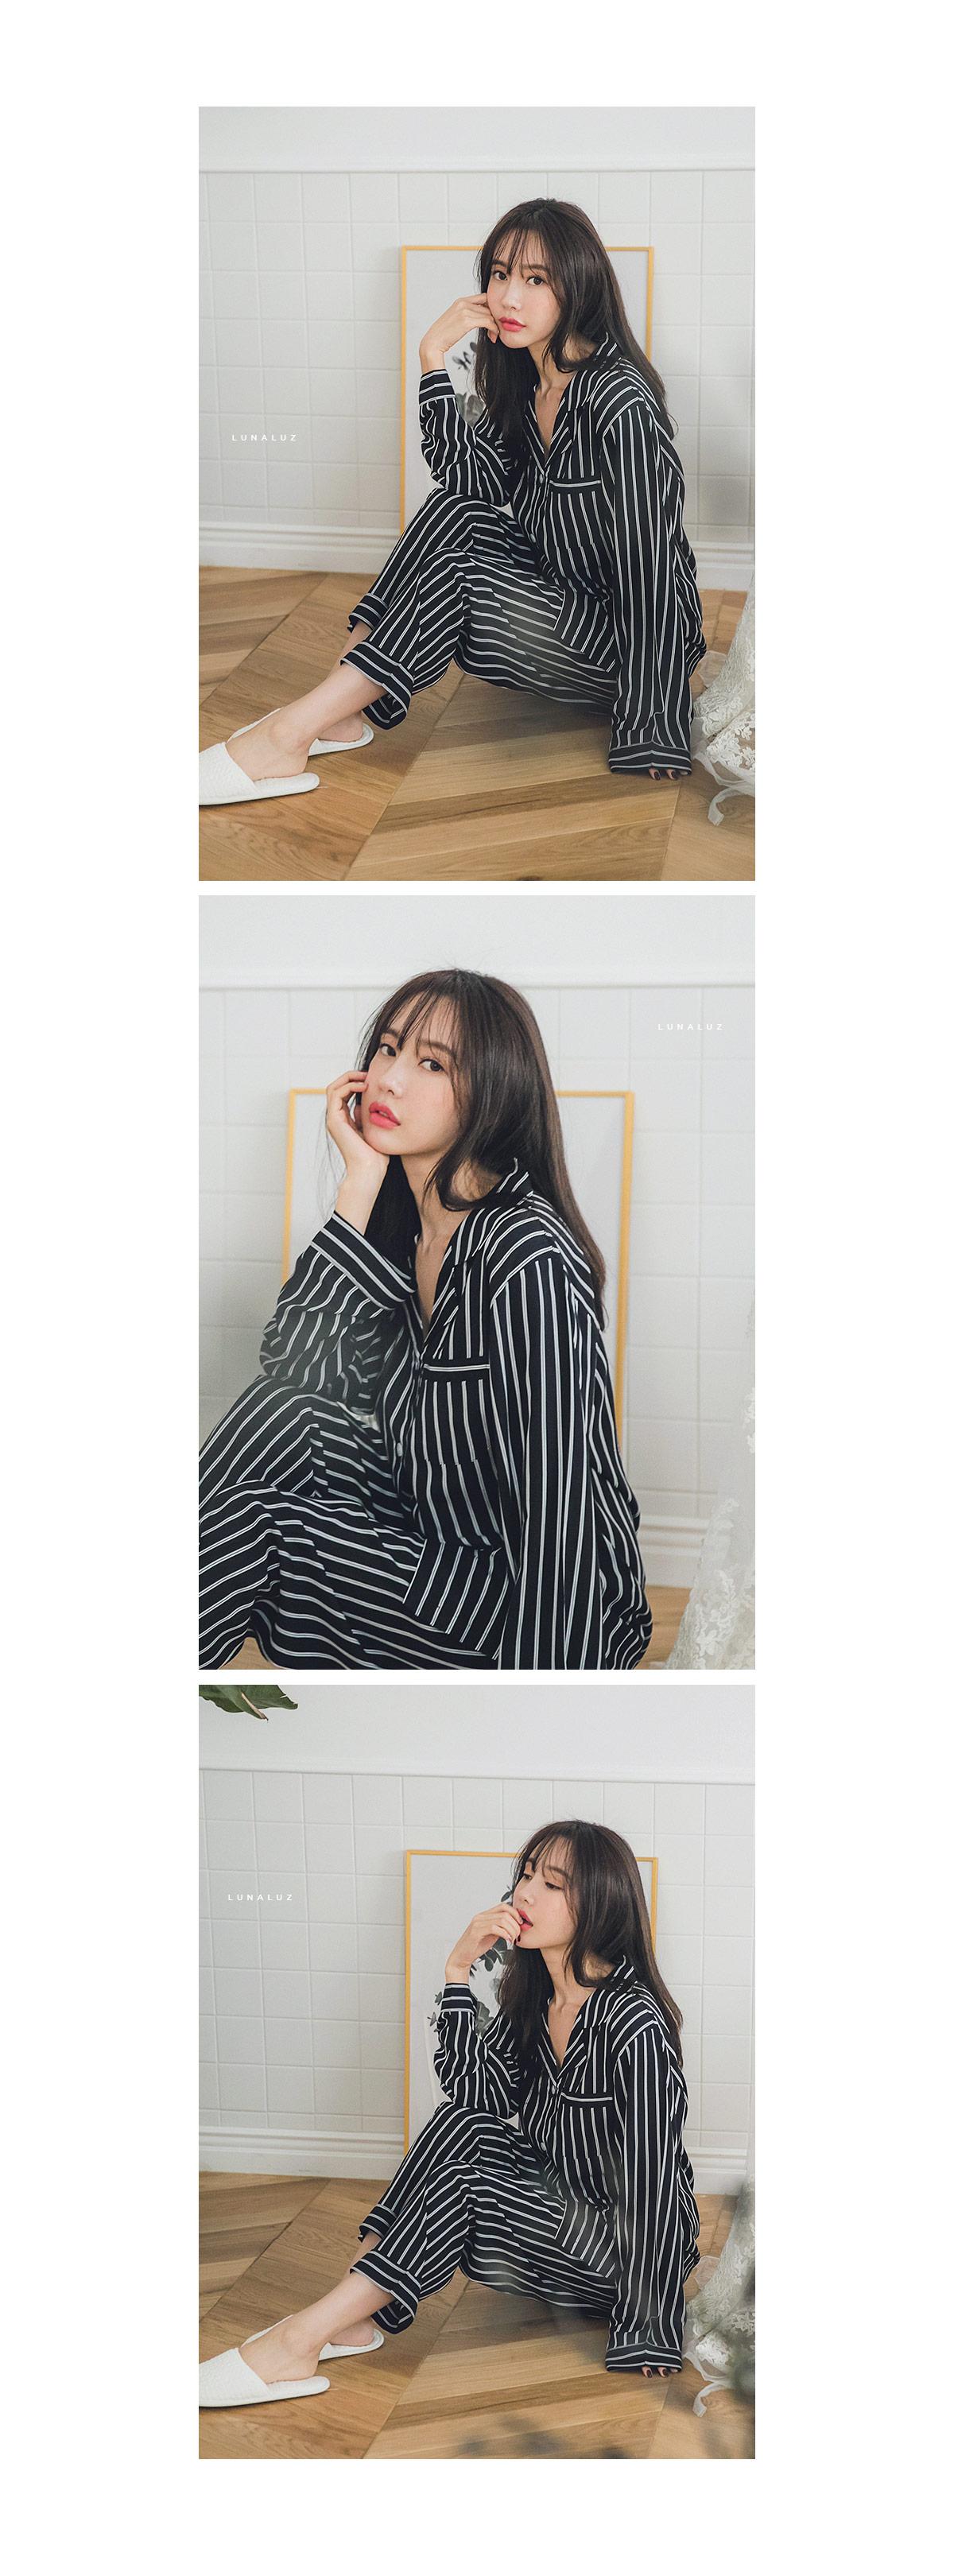 레이온 스트라이프 긴팔 투피스 여성잠옷W246 - 쿠비카, 64,000원, 잠옷, 여성파자마